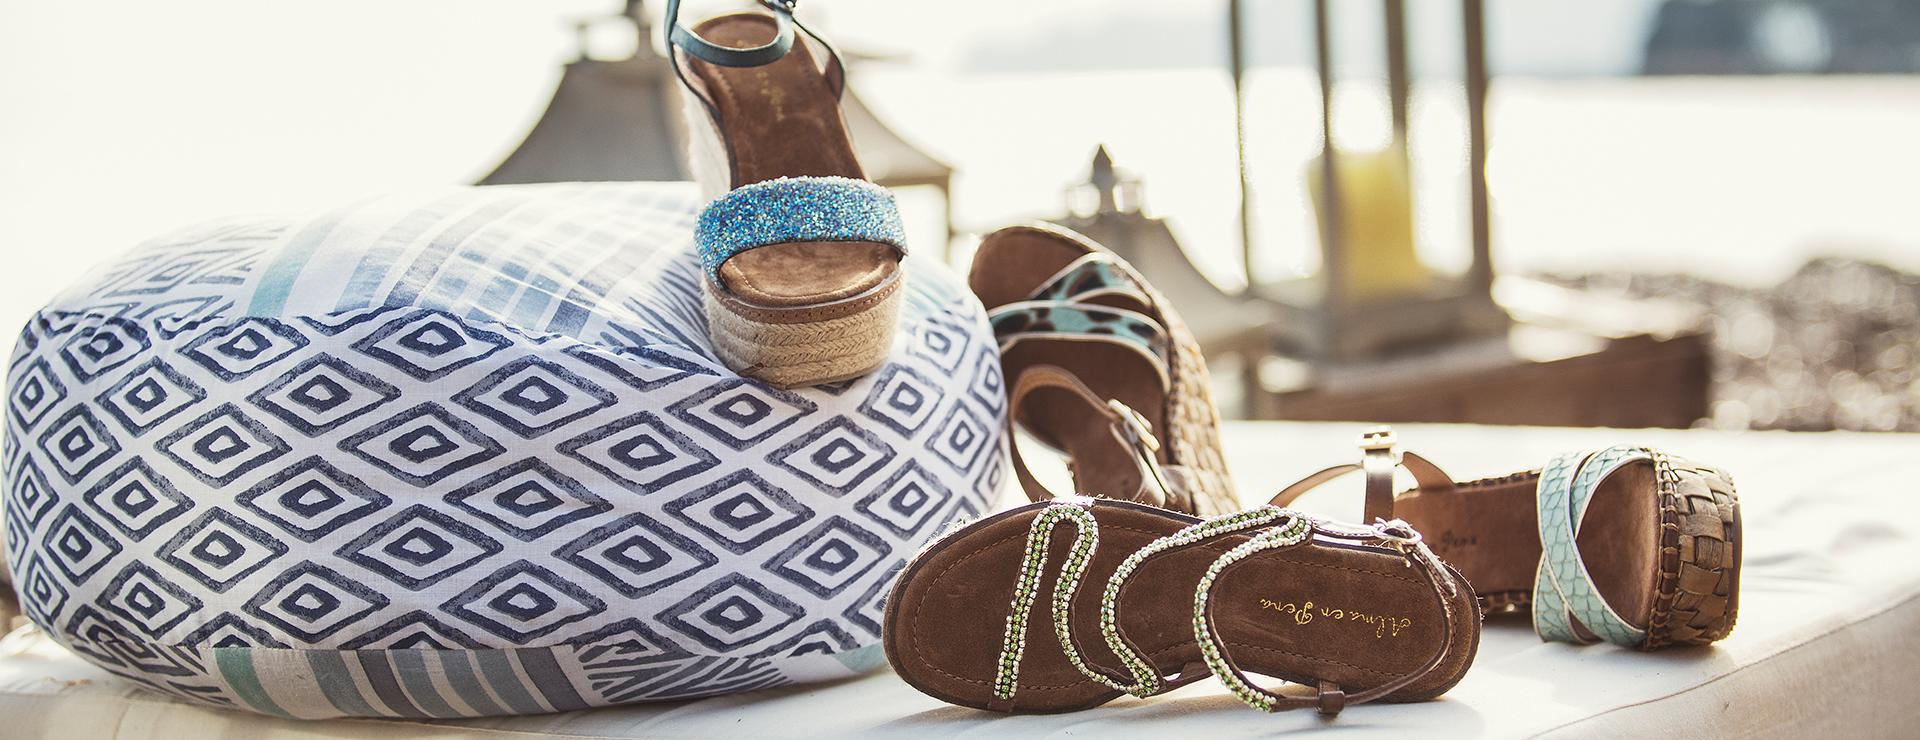 Efe En Alma Pena Mujer Zapatos De Blog qangxUnw